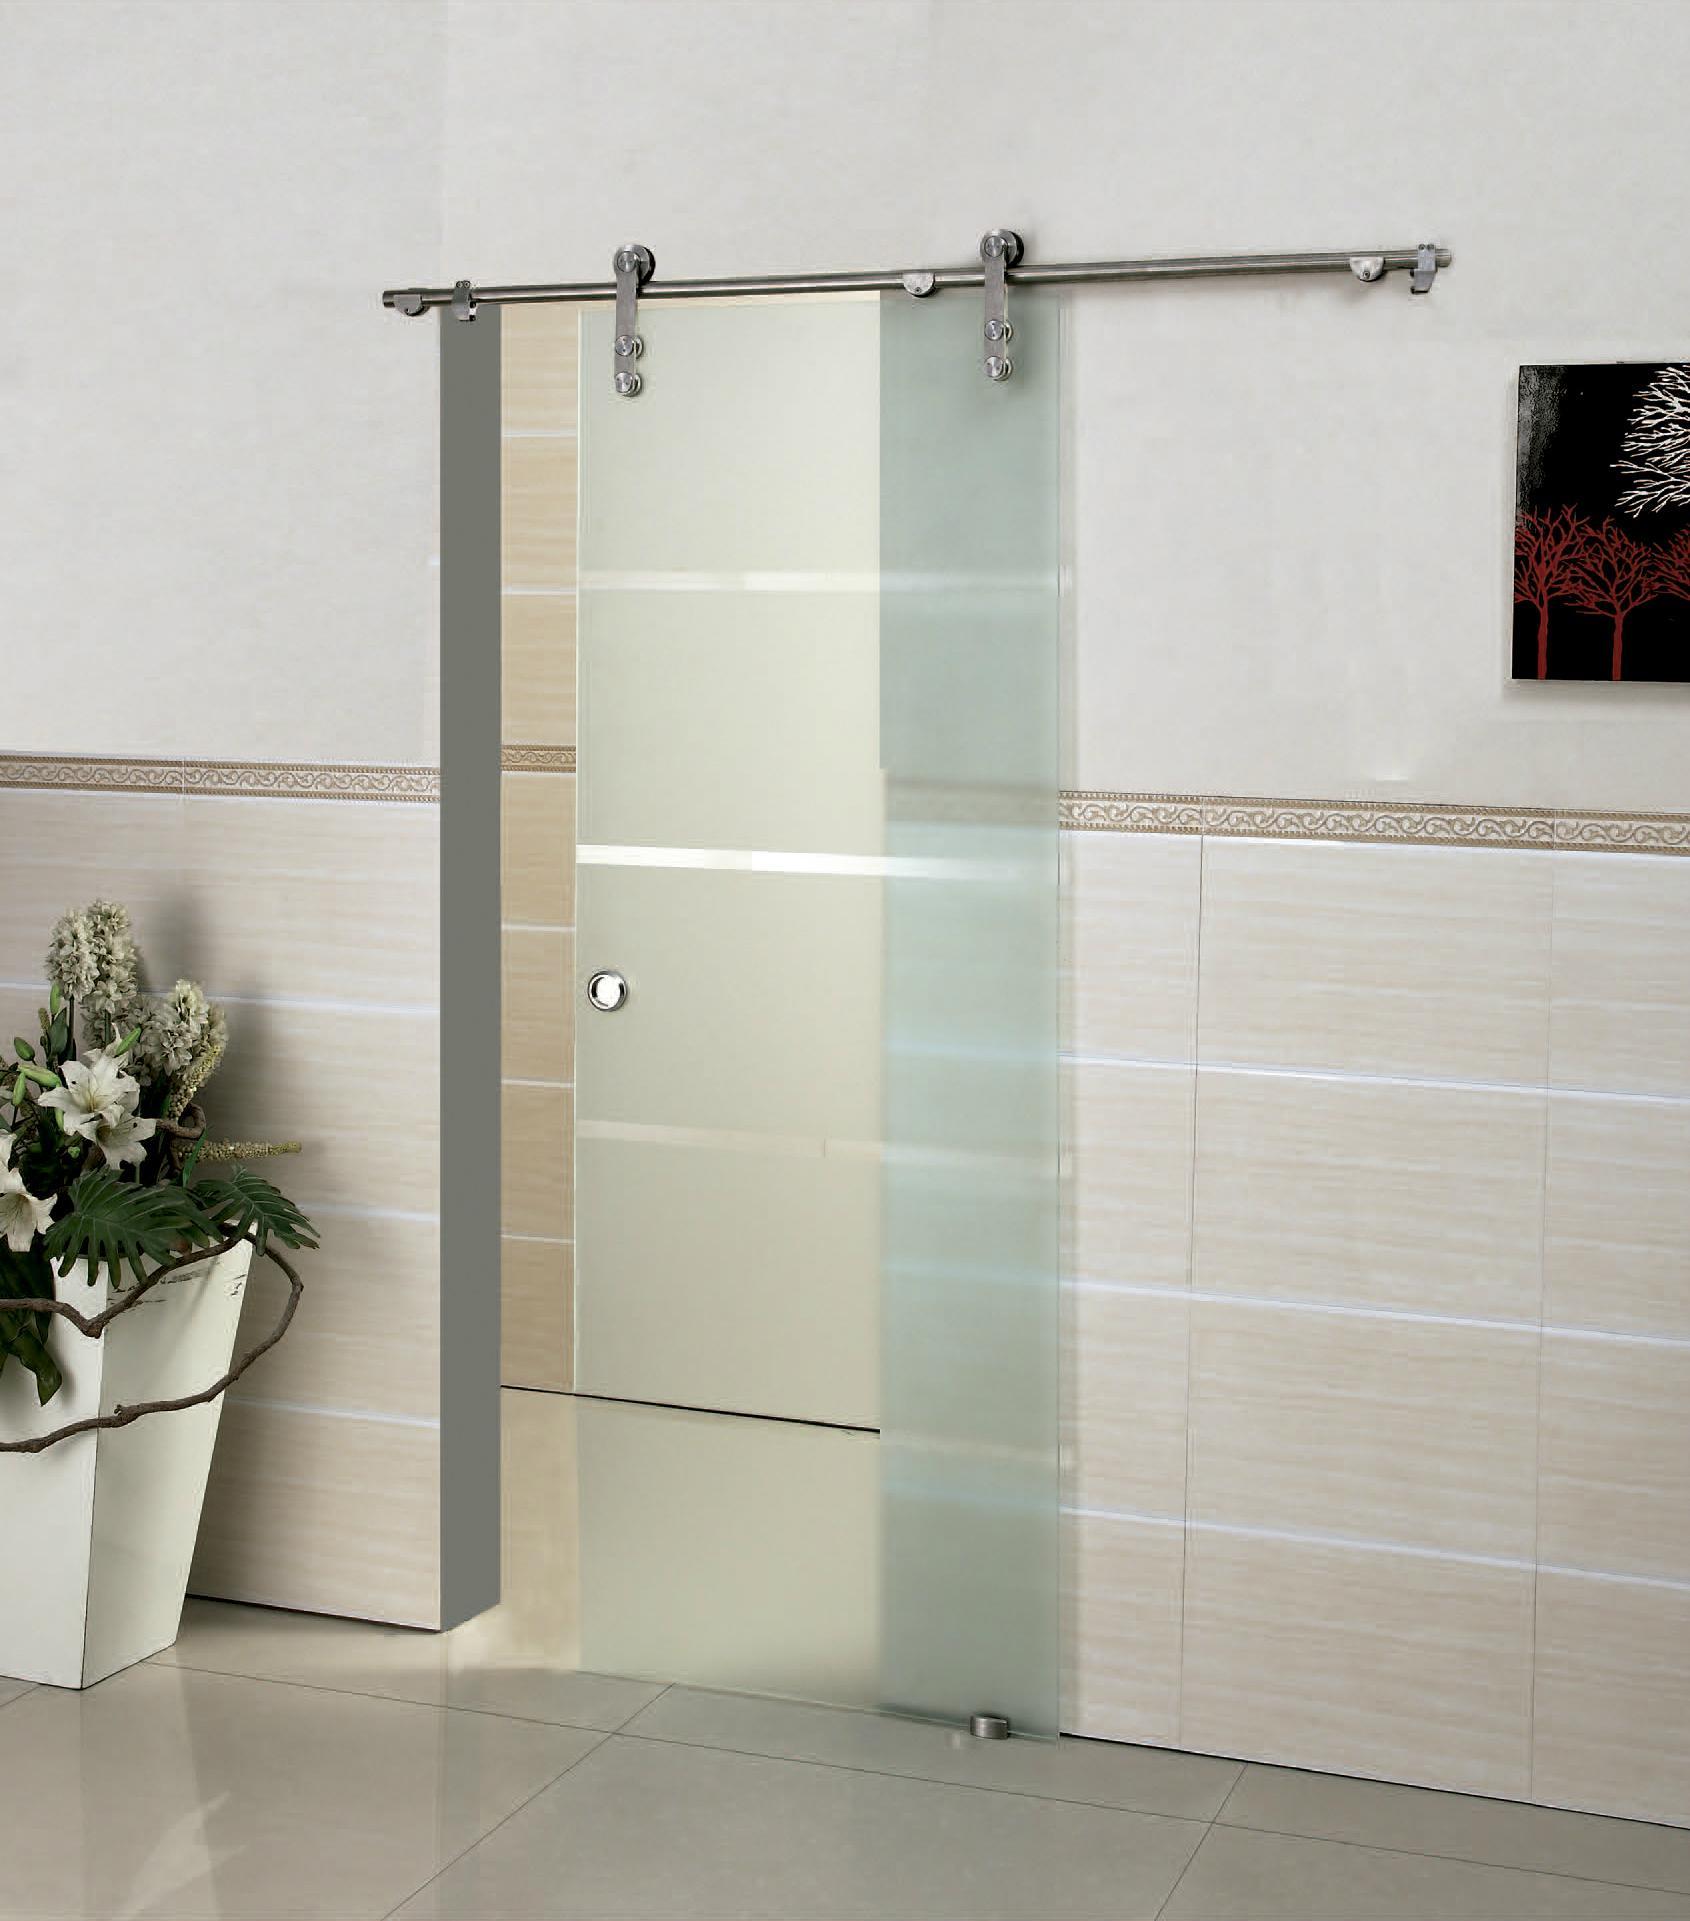 Hotsliding Stainless Steel Interior Glass Doors Kt9001 Kmry